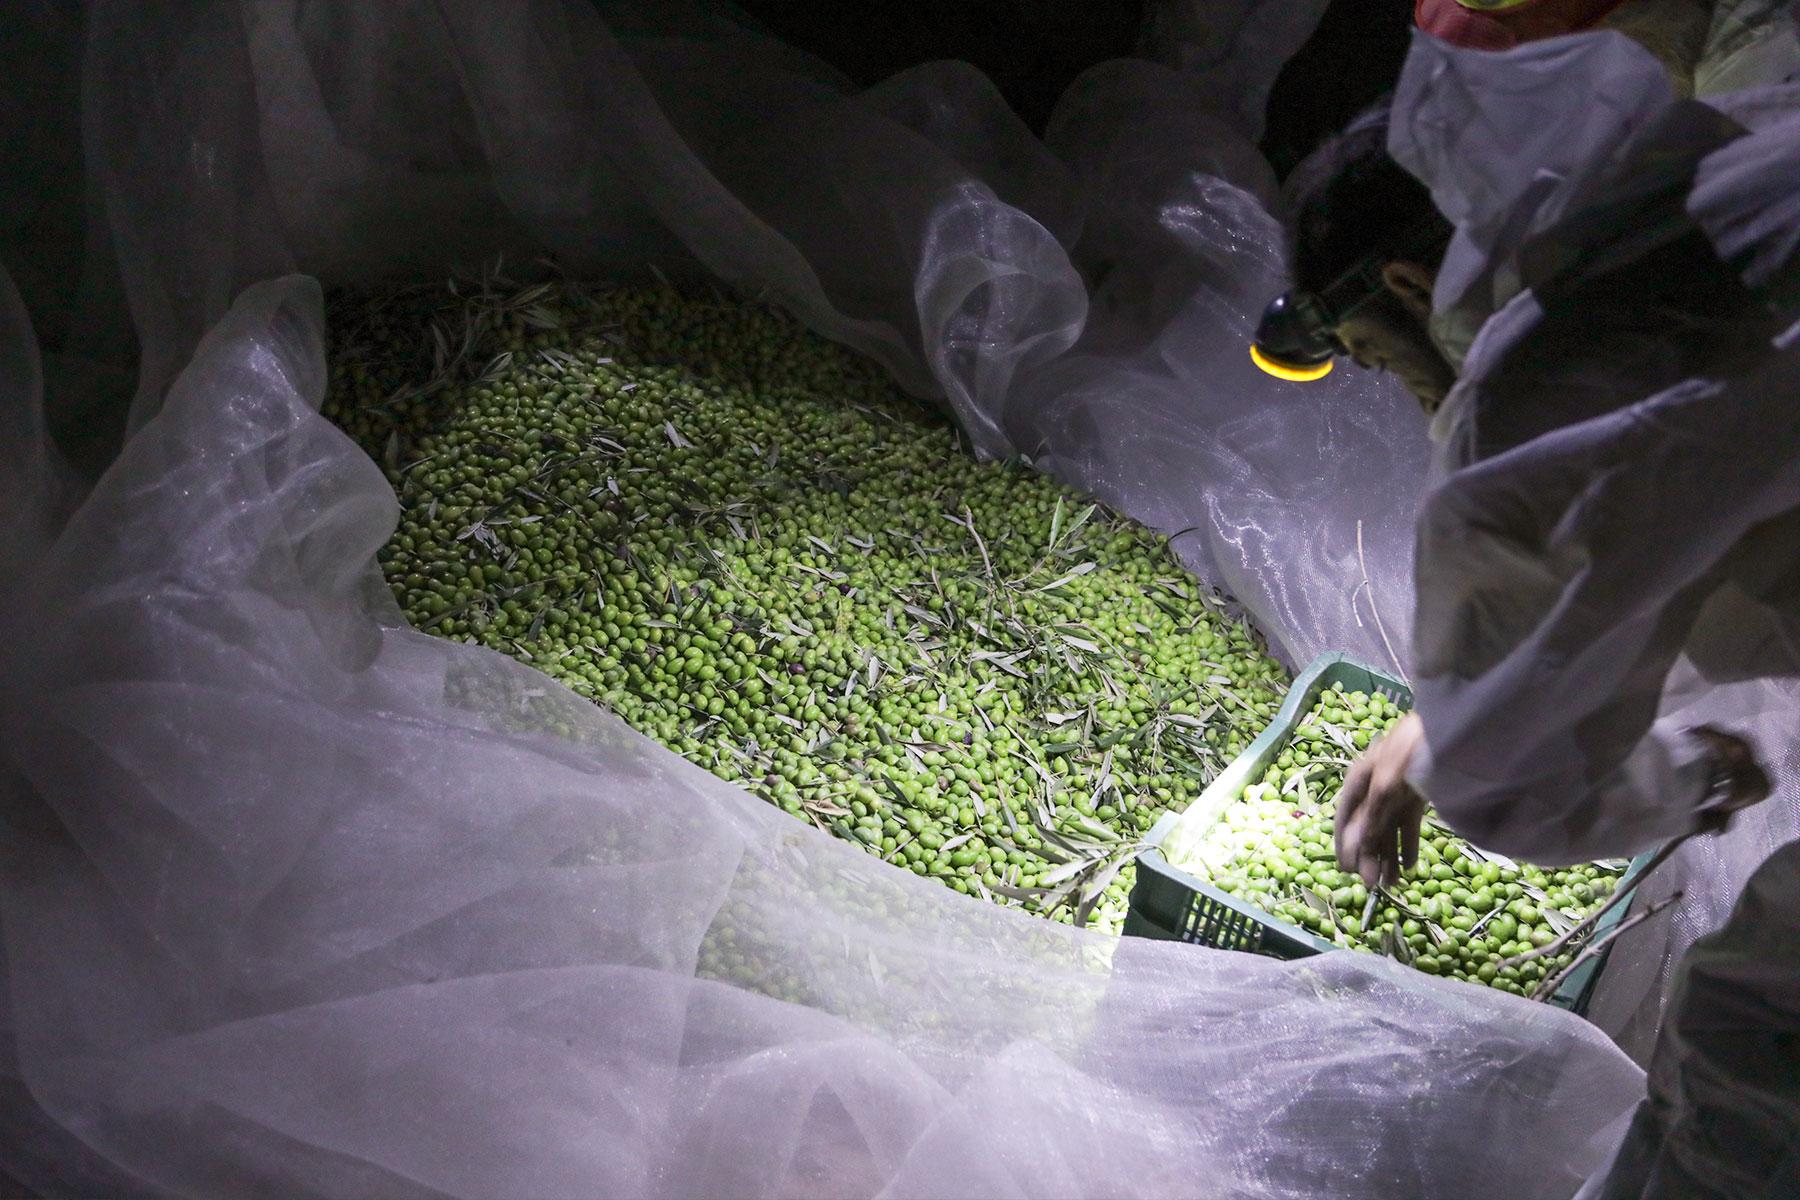 Aceitex-Exportadora---Aceite-de-oliva-virgen-extra---Recogida-nocturna2